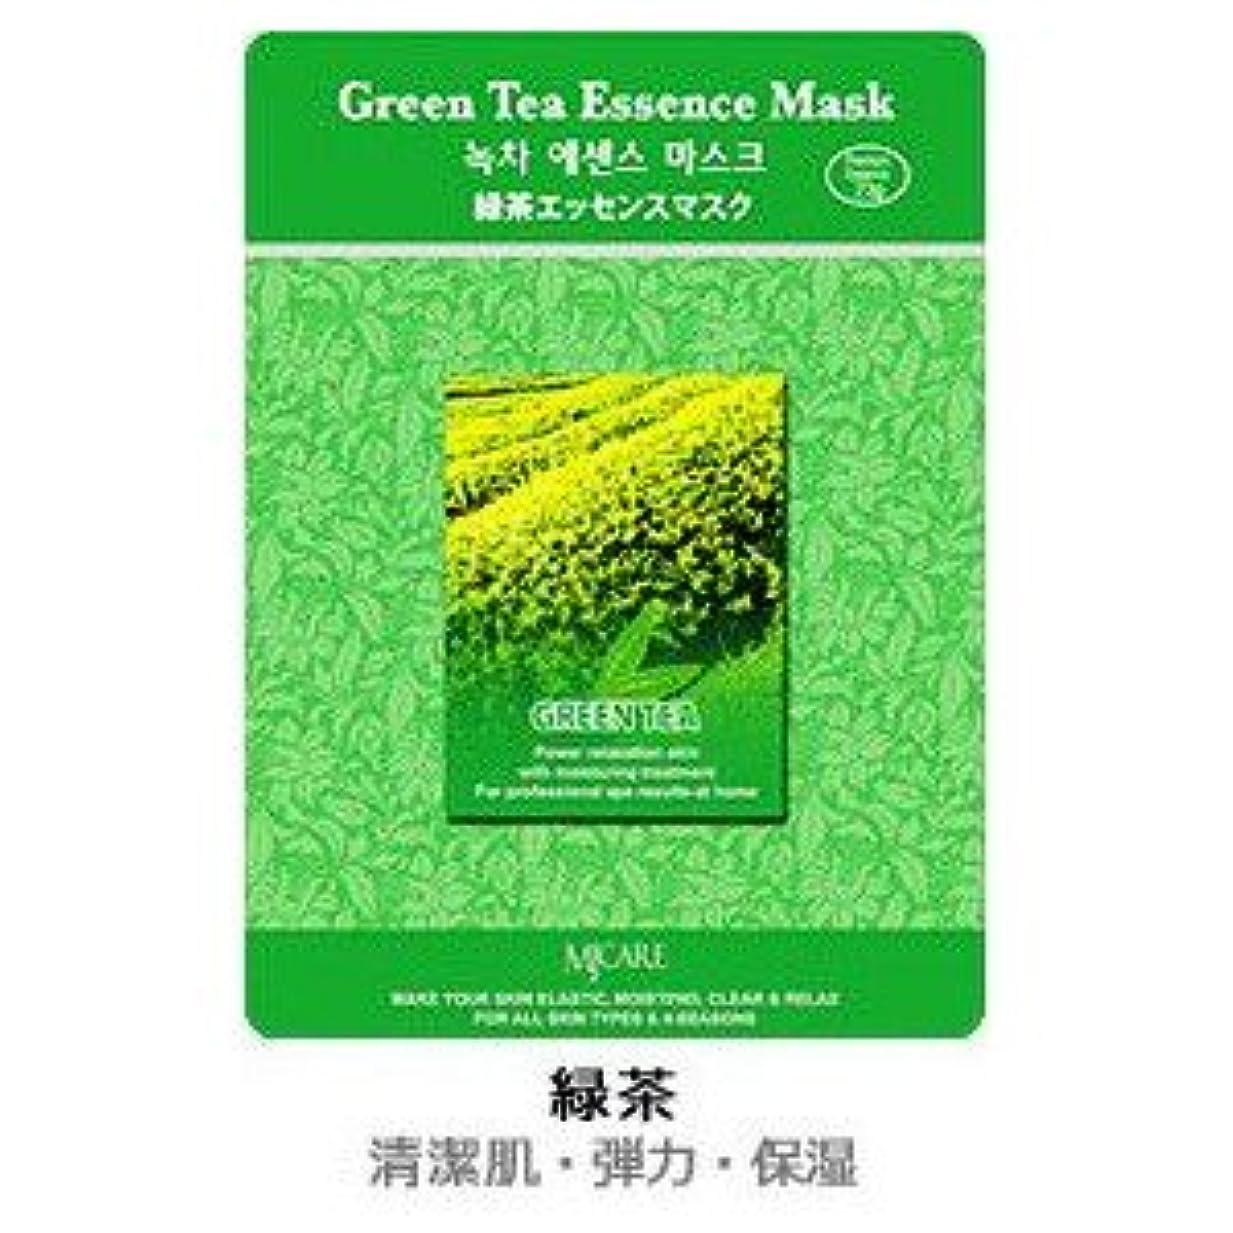 通常私たち自身アルファベットMJ-CAREエッセンスマスク 緑茶10枚セット